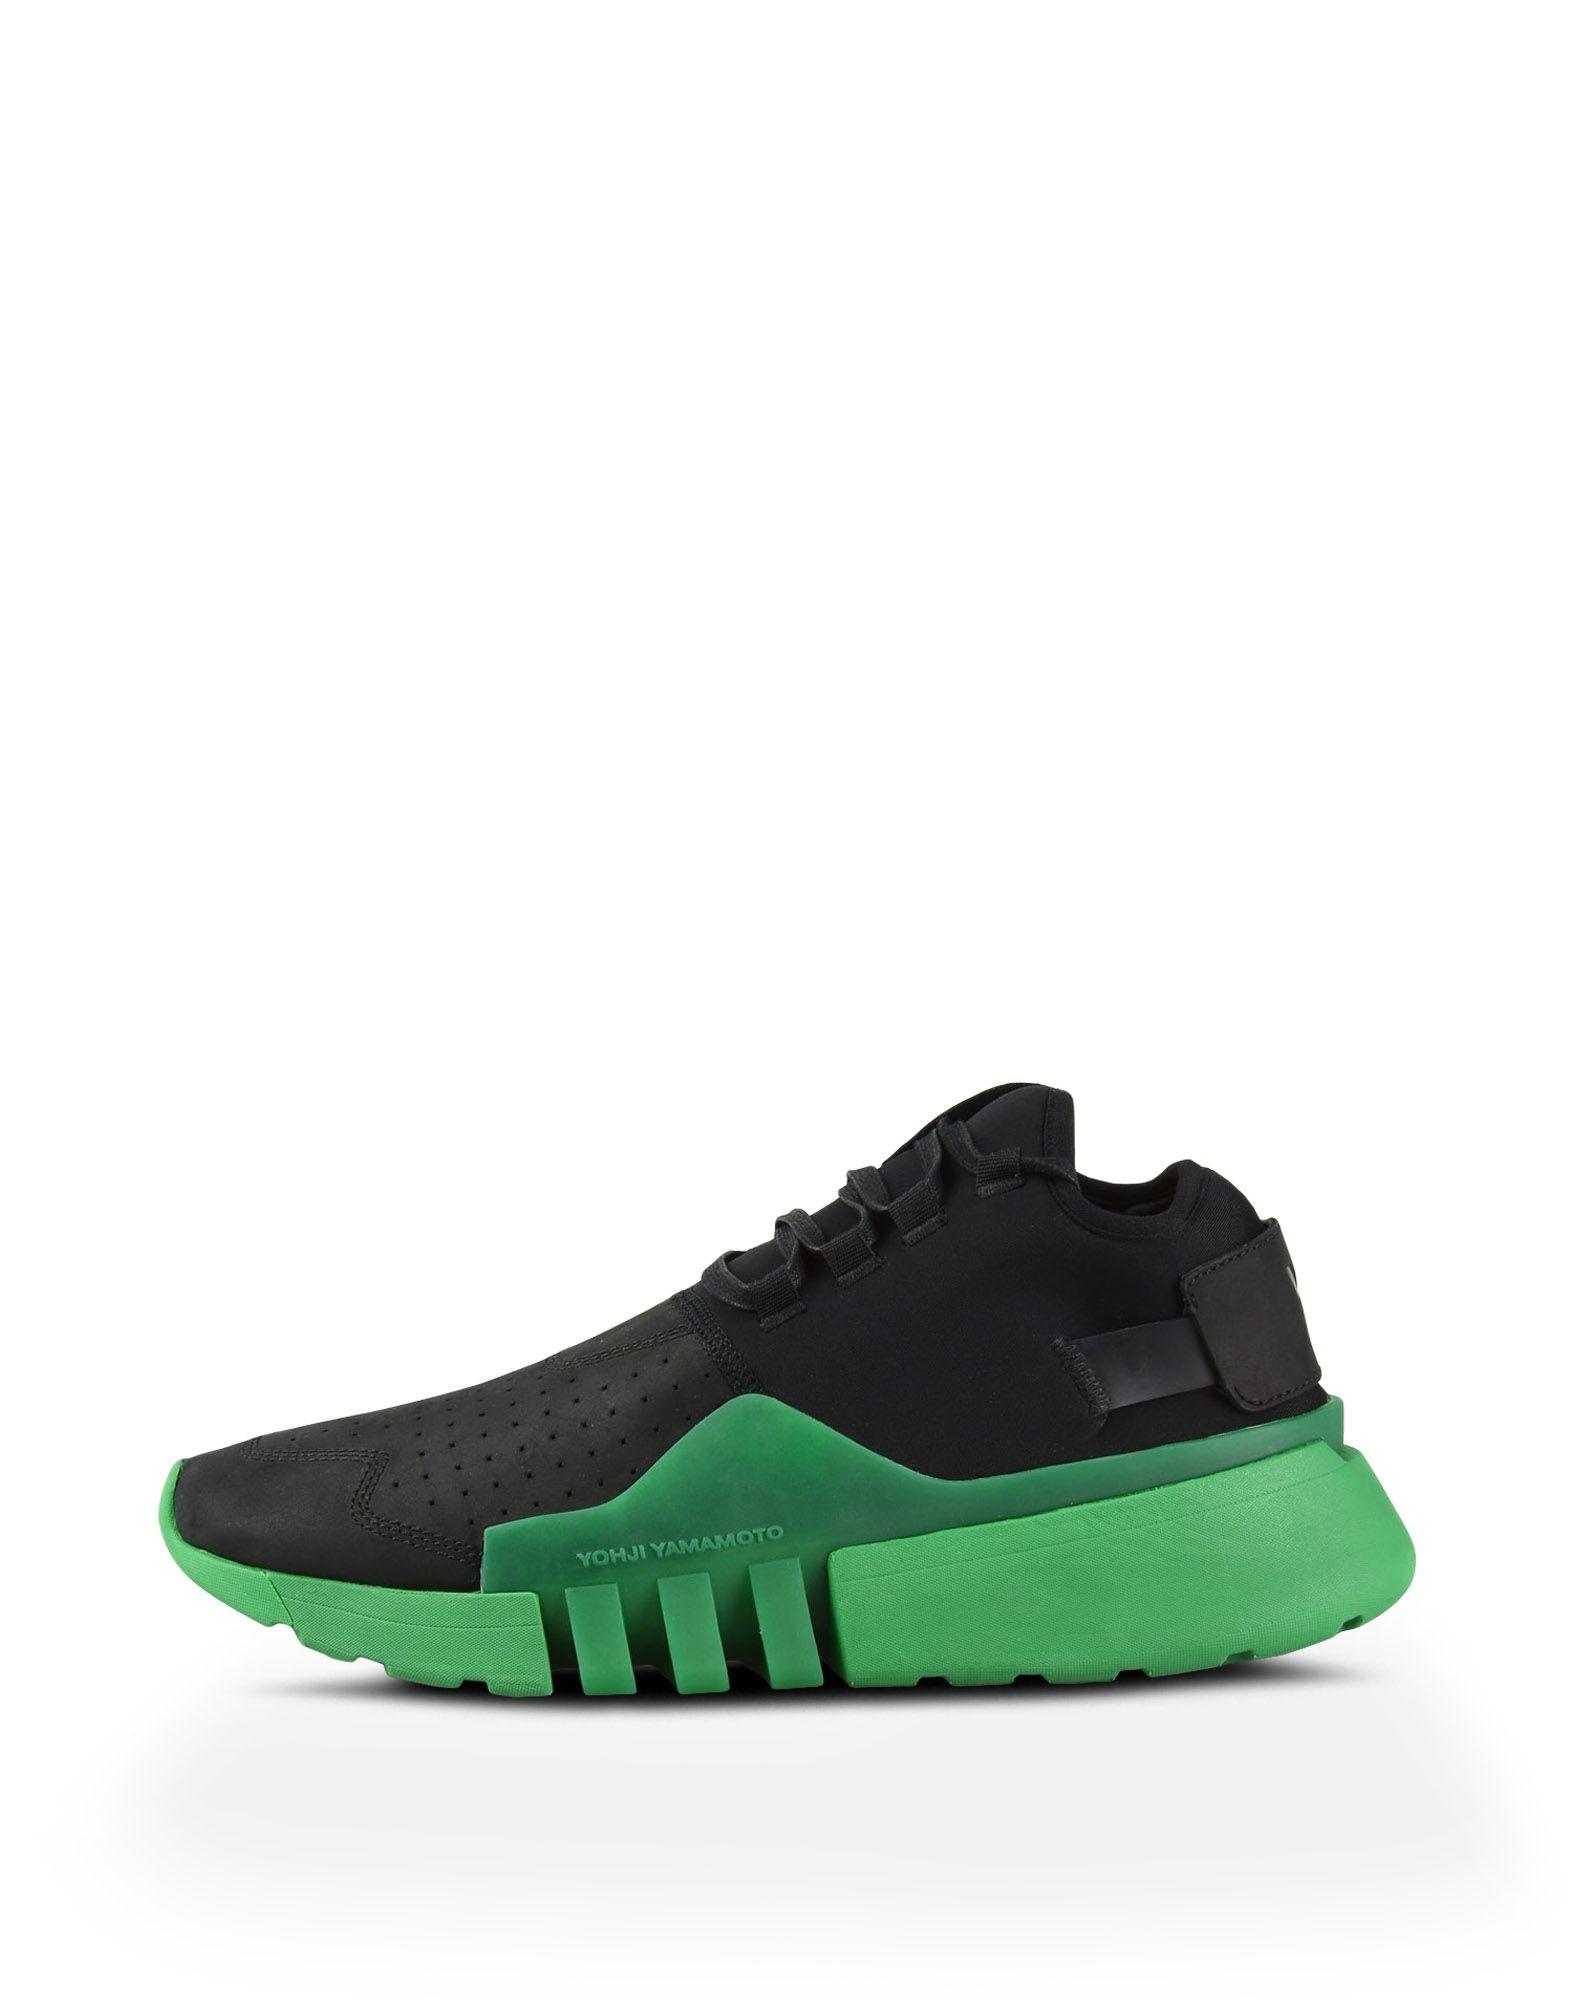 scarpe uomo adidas y3